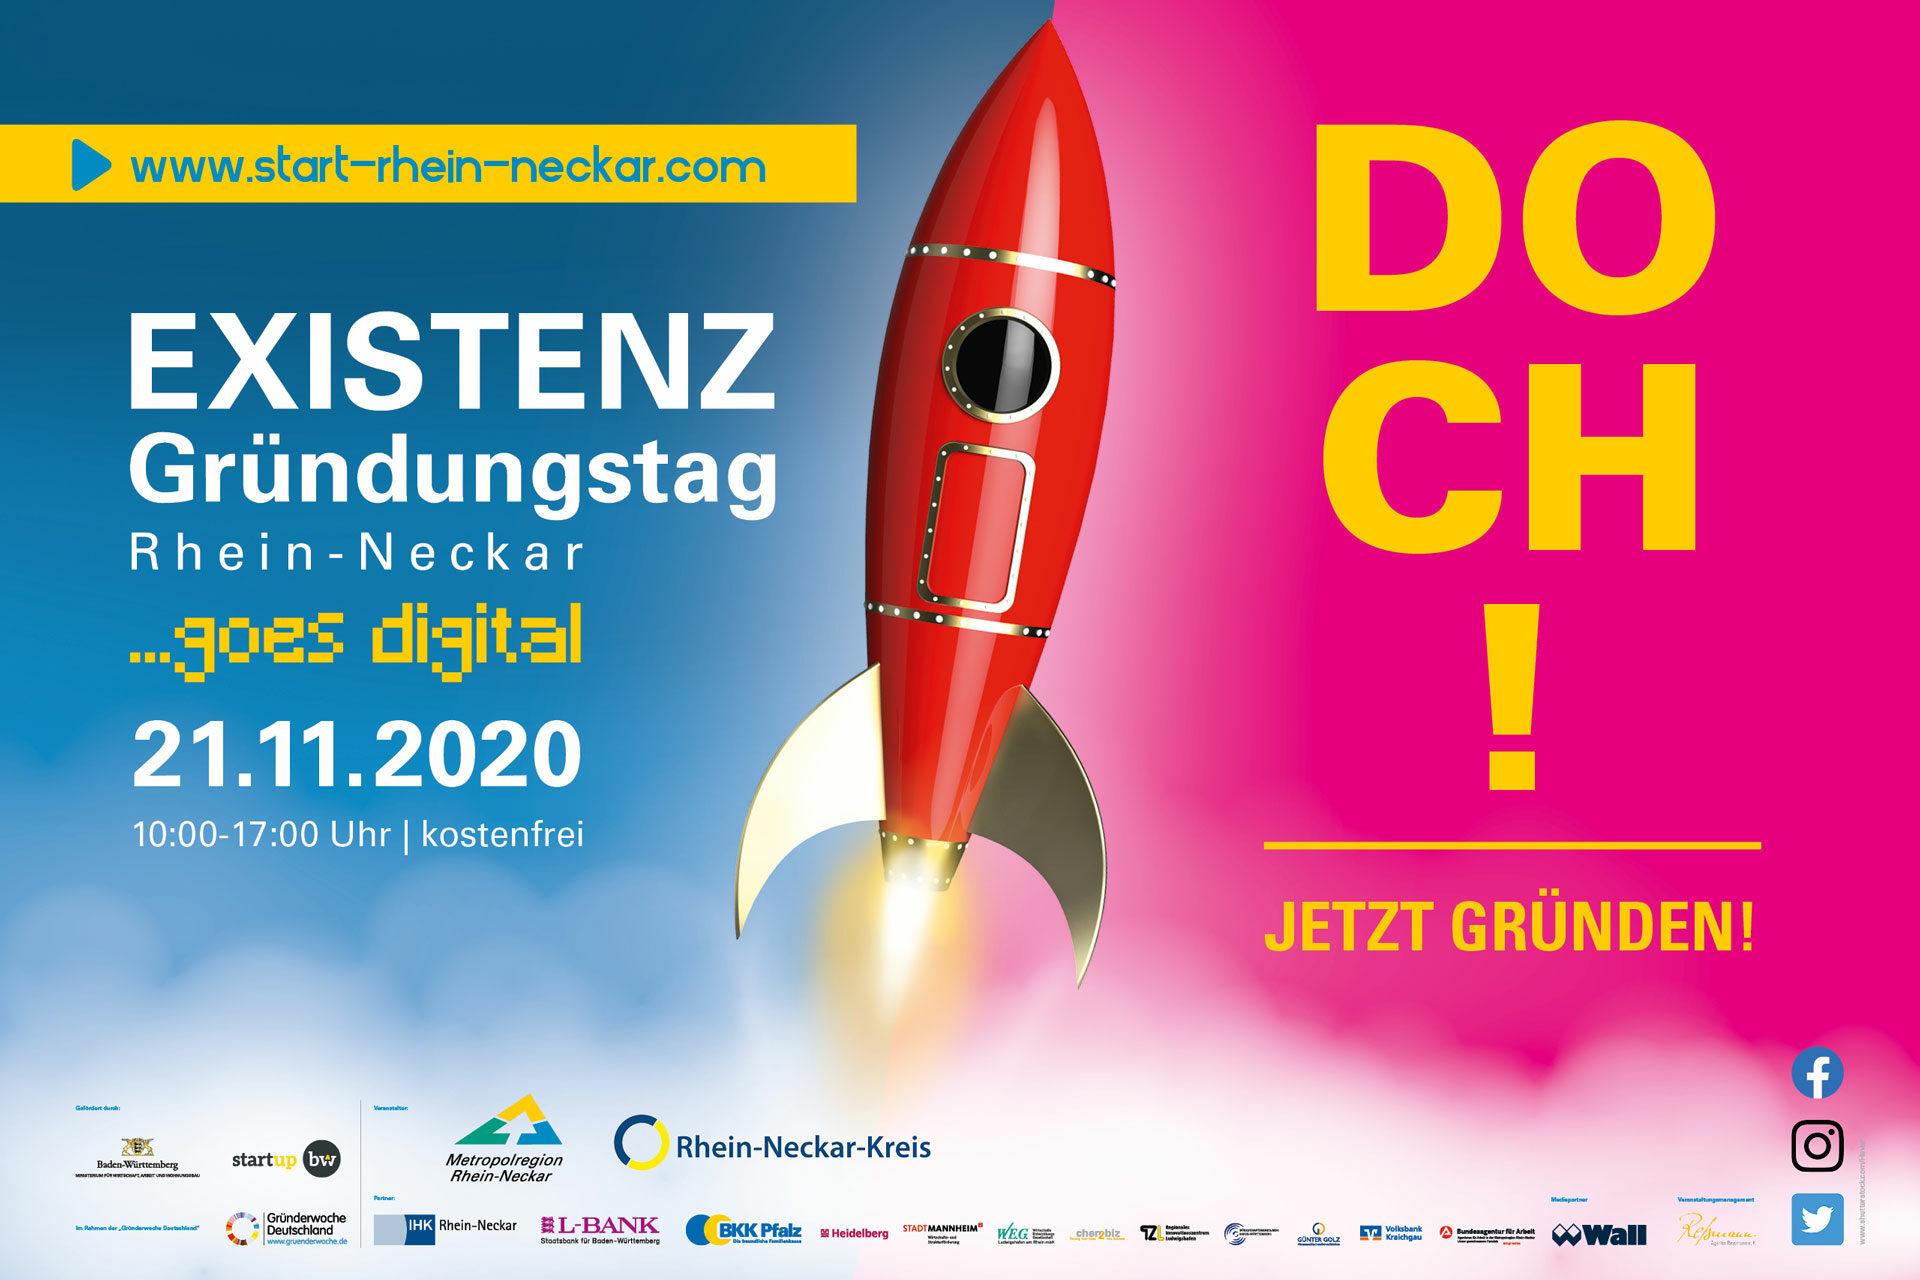 Agentur Ressmann   Existenzgründungstag Rhein-Neckar 2020 ...goes live